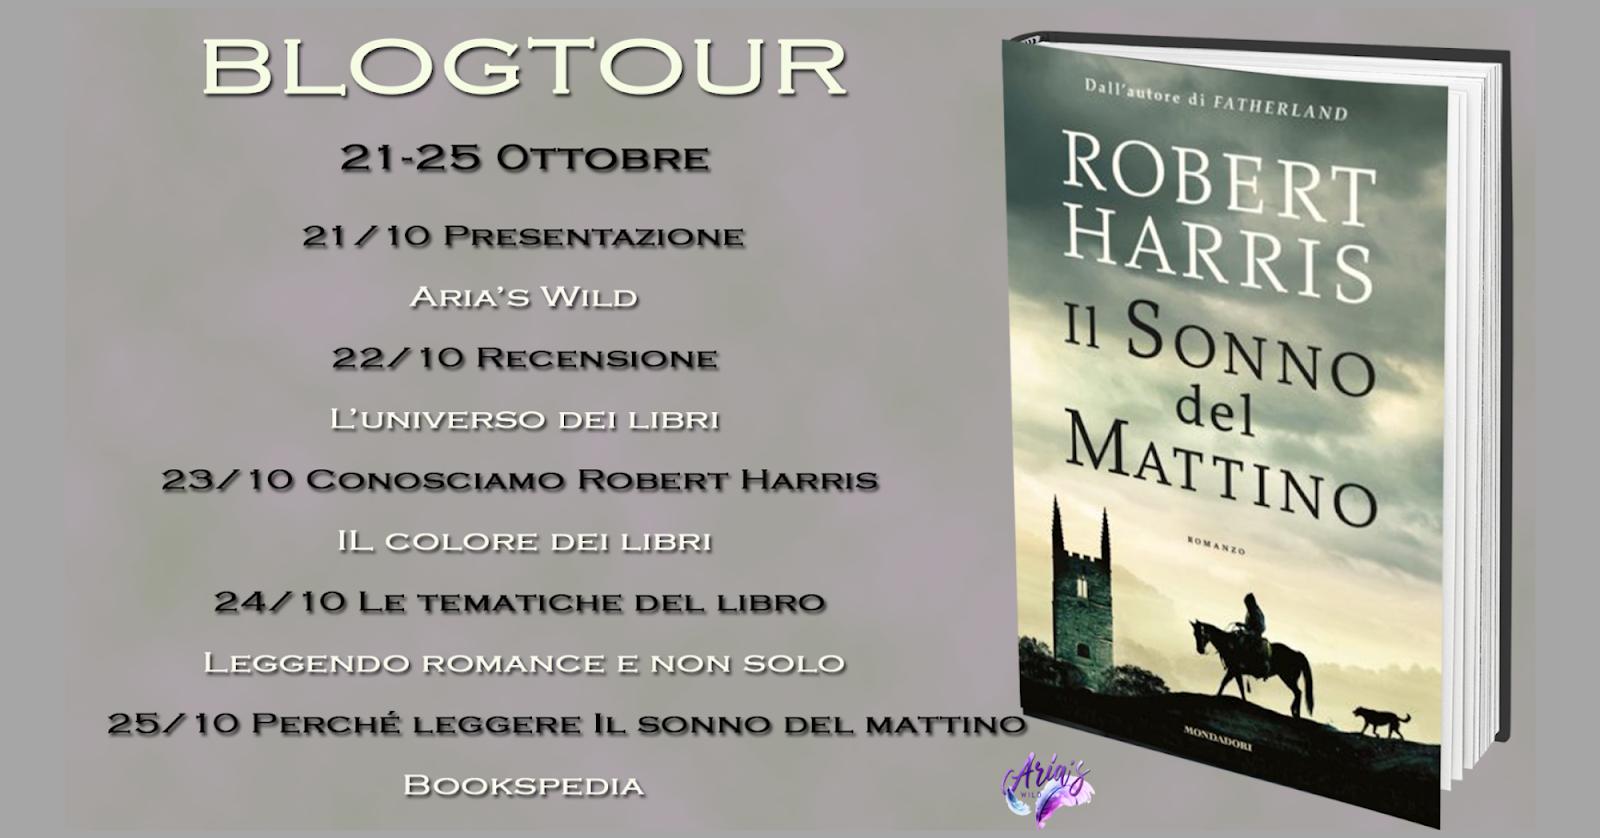 Il sonno del mattino di Robert Harris | Blogtour: le tematiche del libro